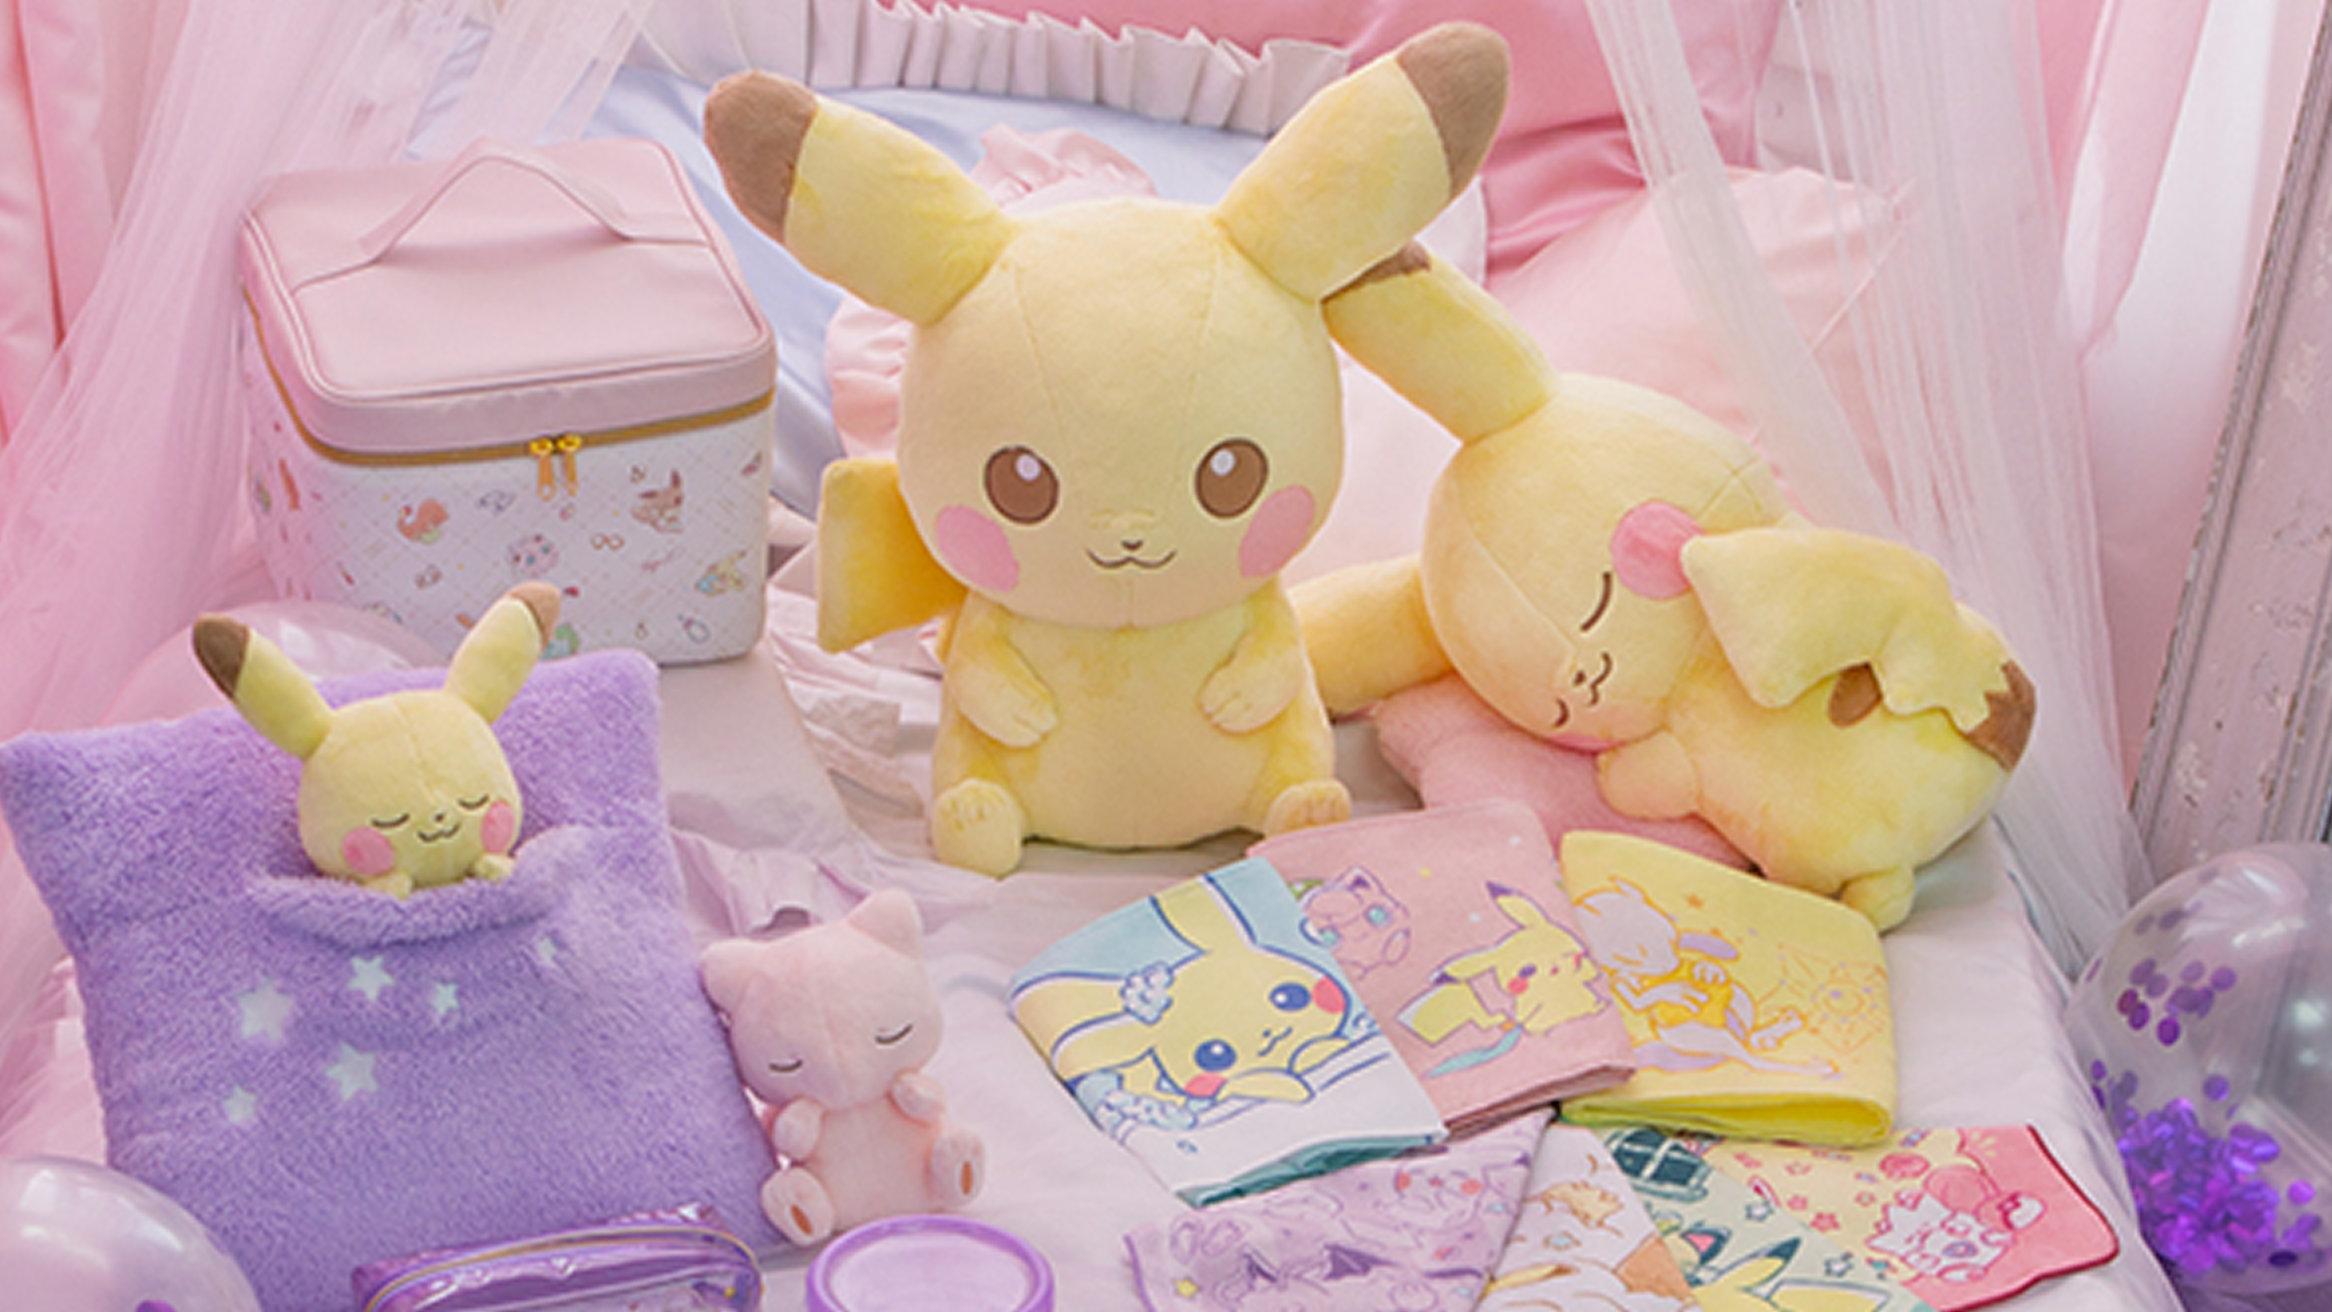 ピカチュウ寝姿、2019 Pokemon Collectionくじ Holiday Night